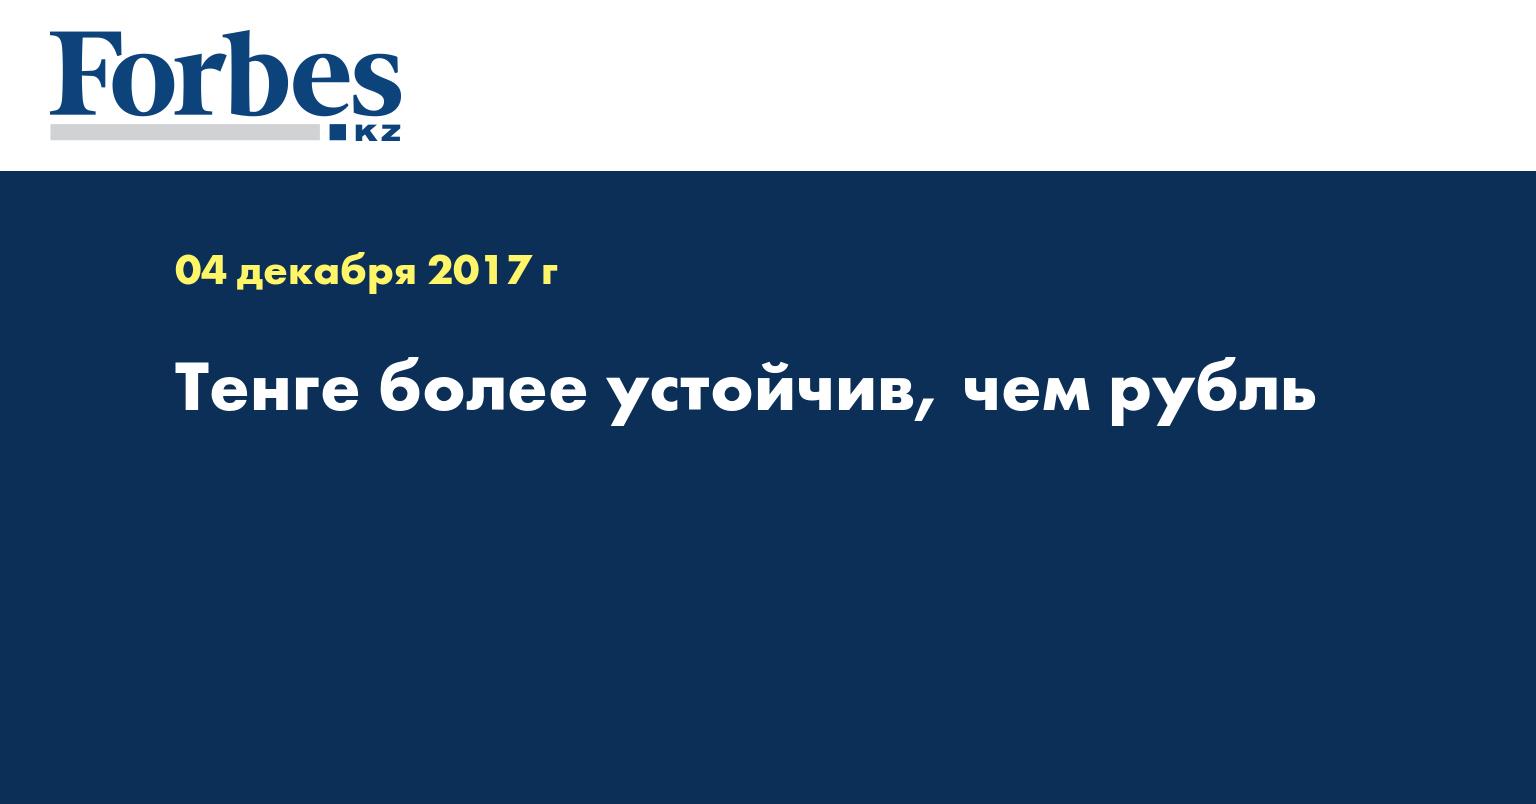 Тенге более устойчив, чем рубль